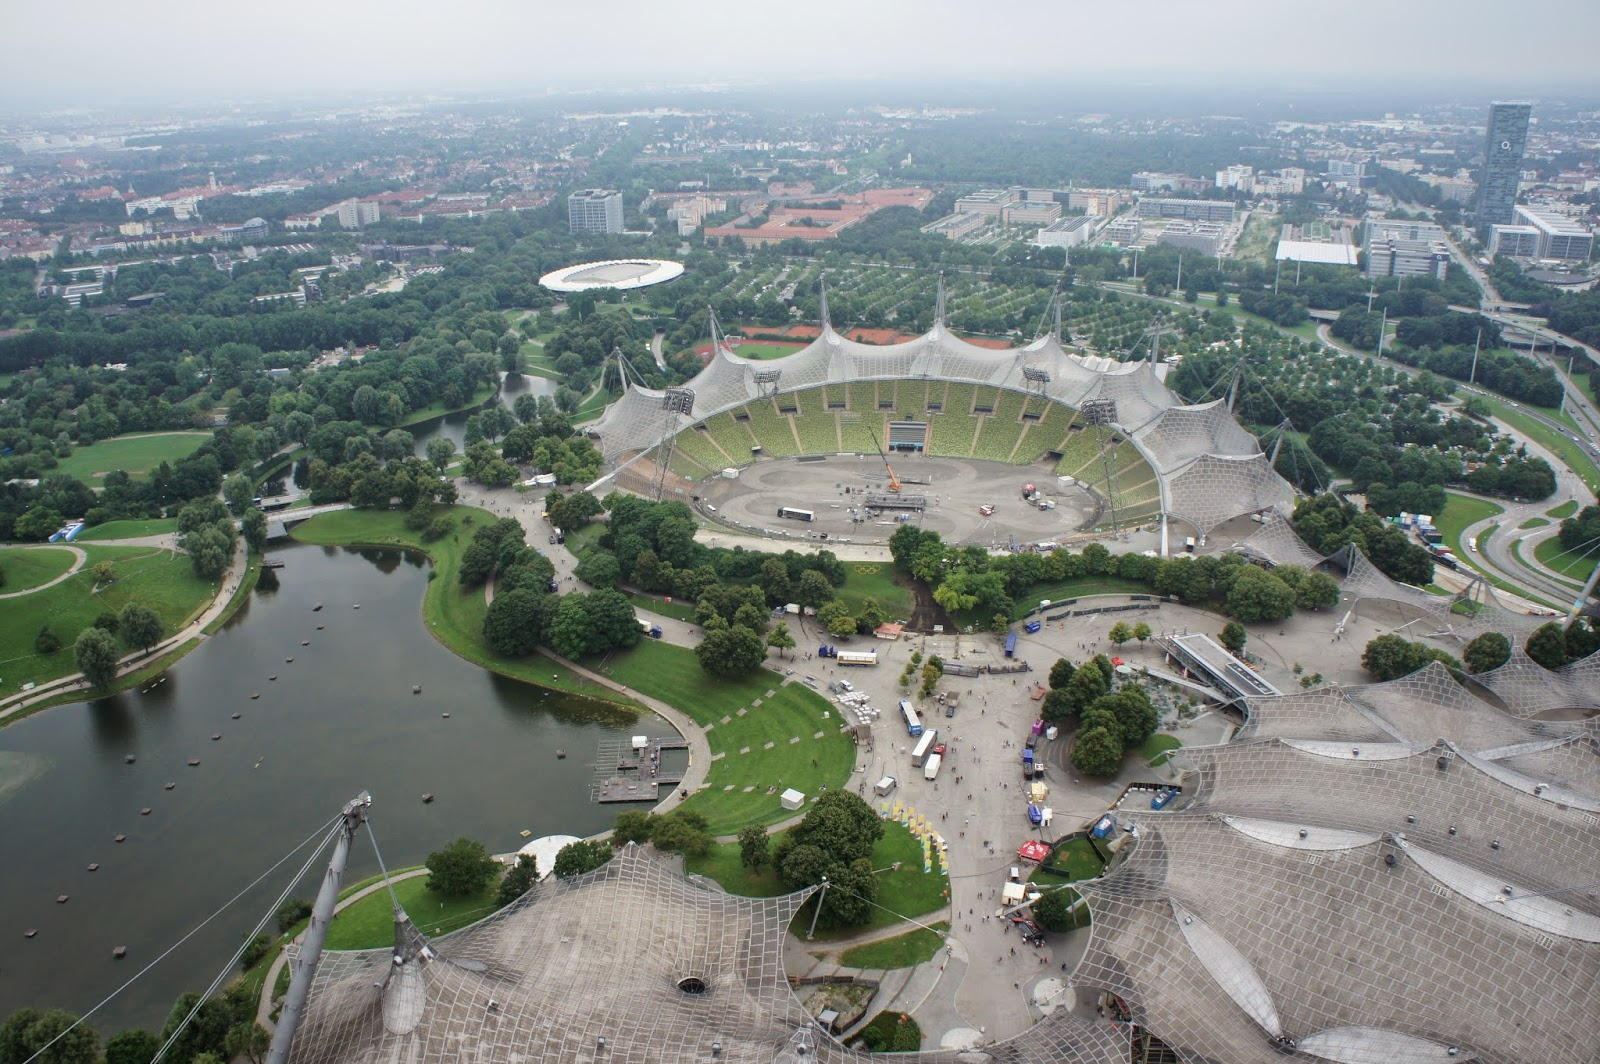 Vistas del parque Olímpico desde la Torre Olímpica (Olympiaturm)